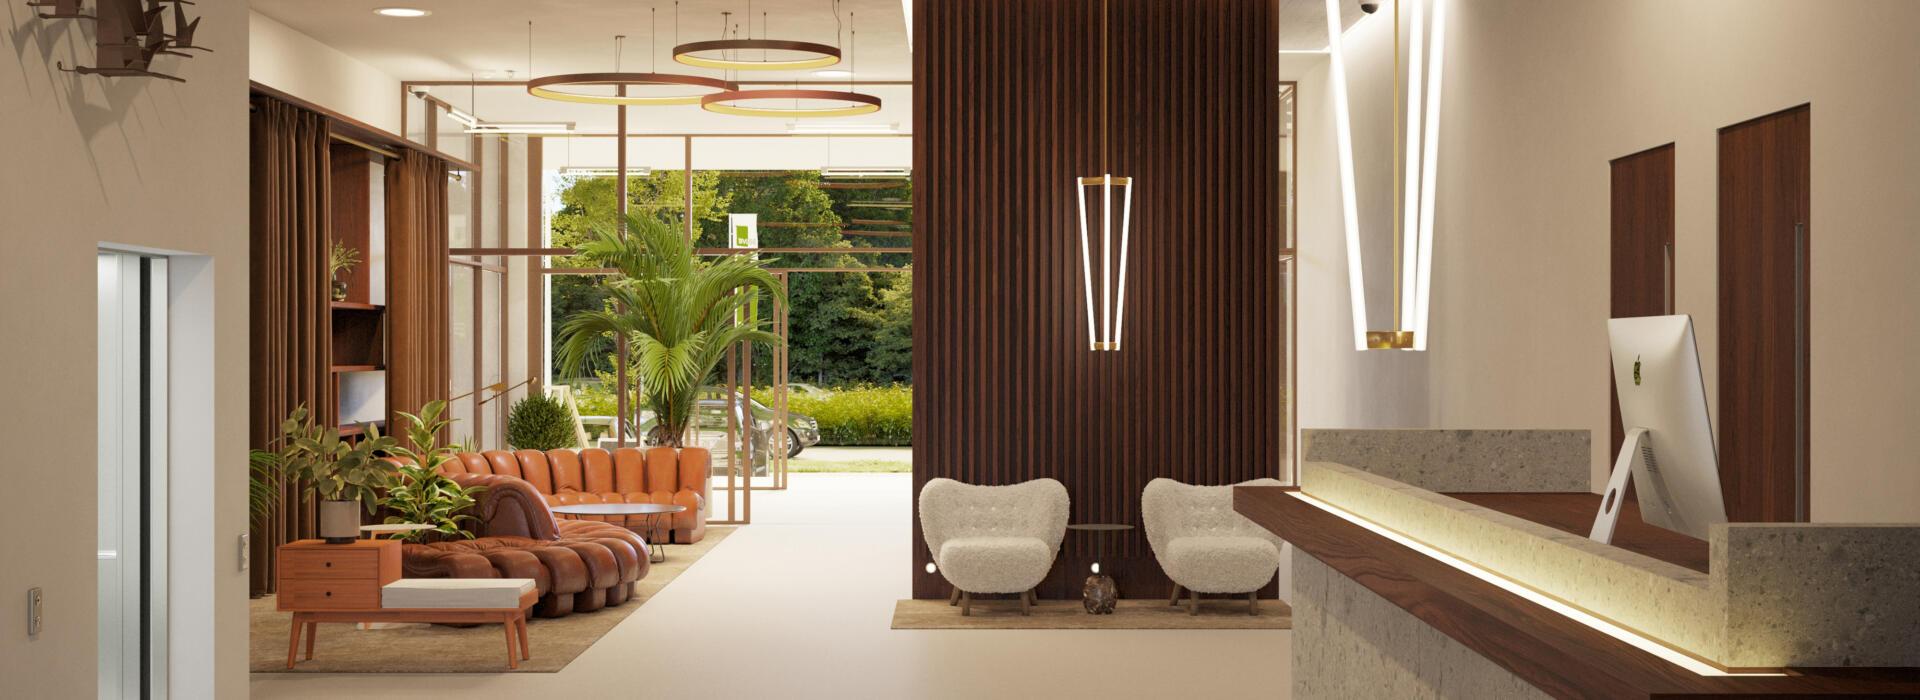 entrance 1_architecture